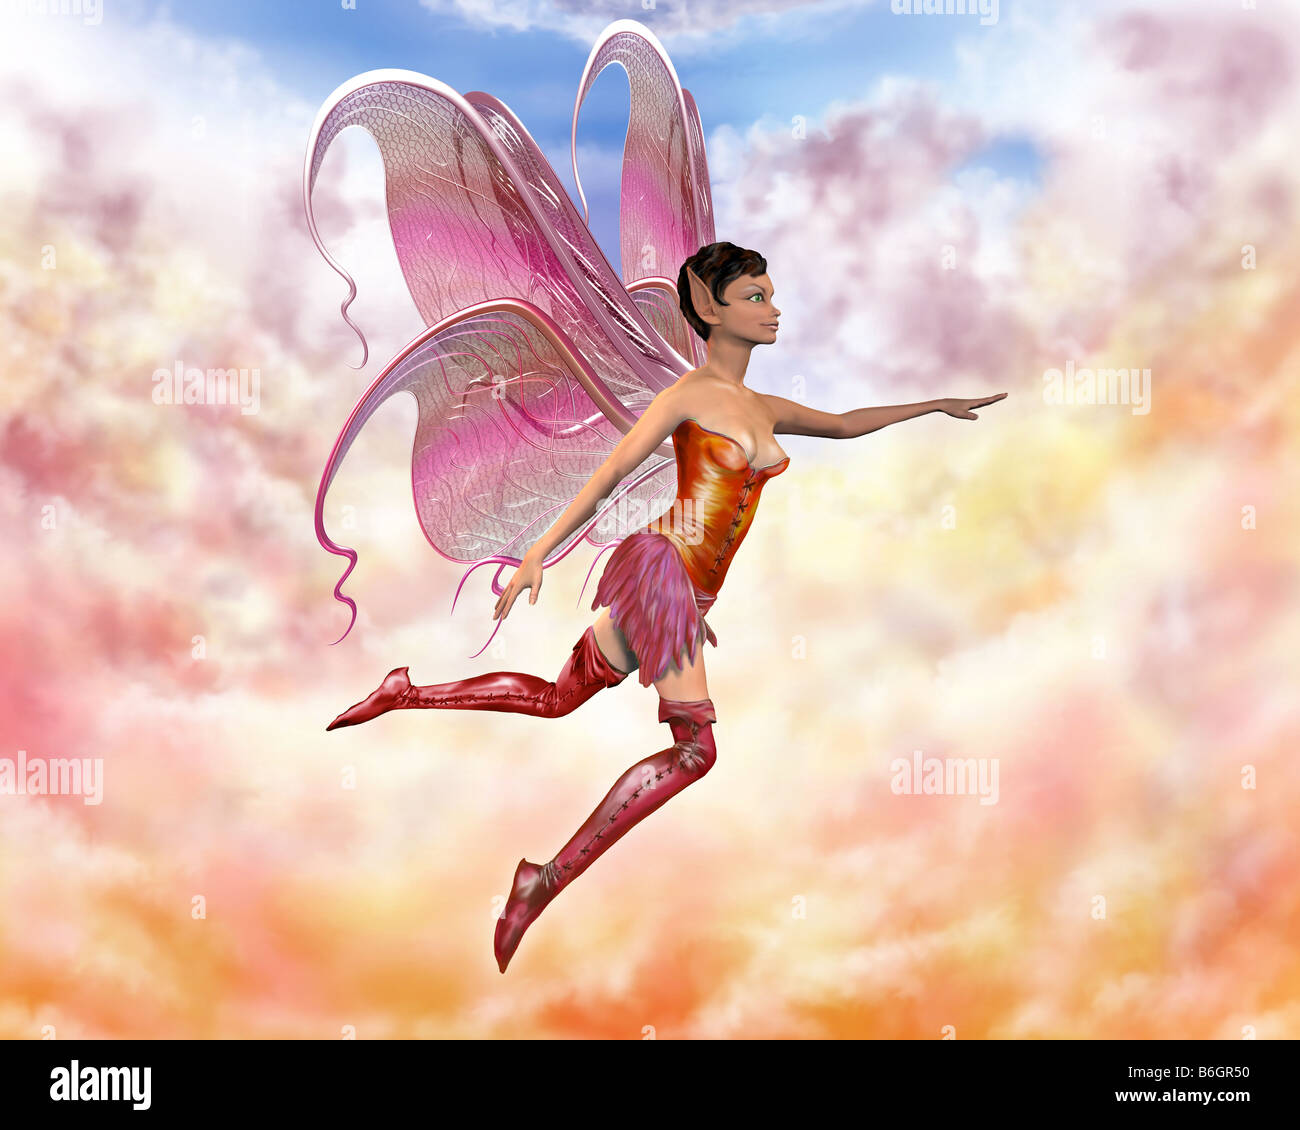 Illustrazione di una fata volando attraverso le nuvole pastello Immagini Stock